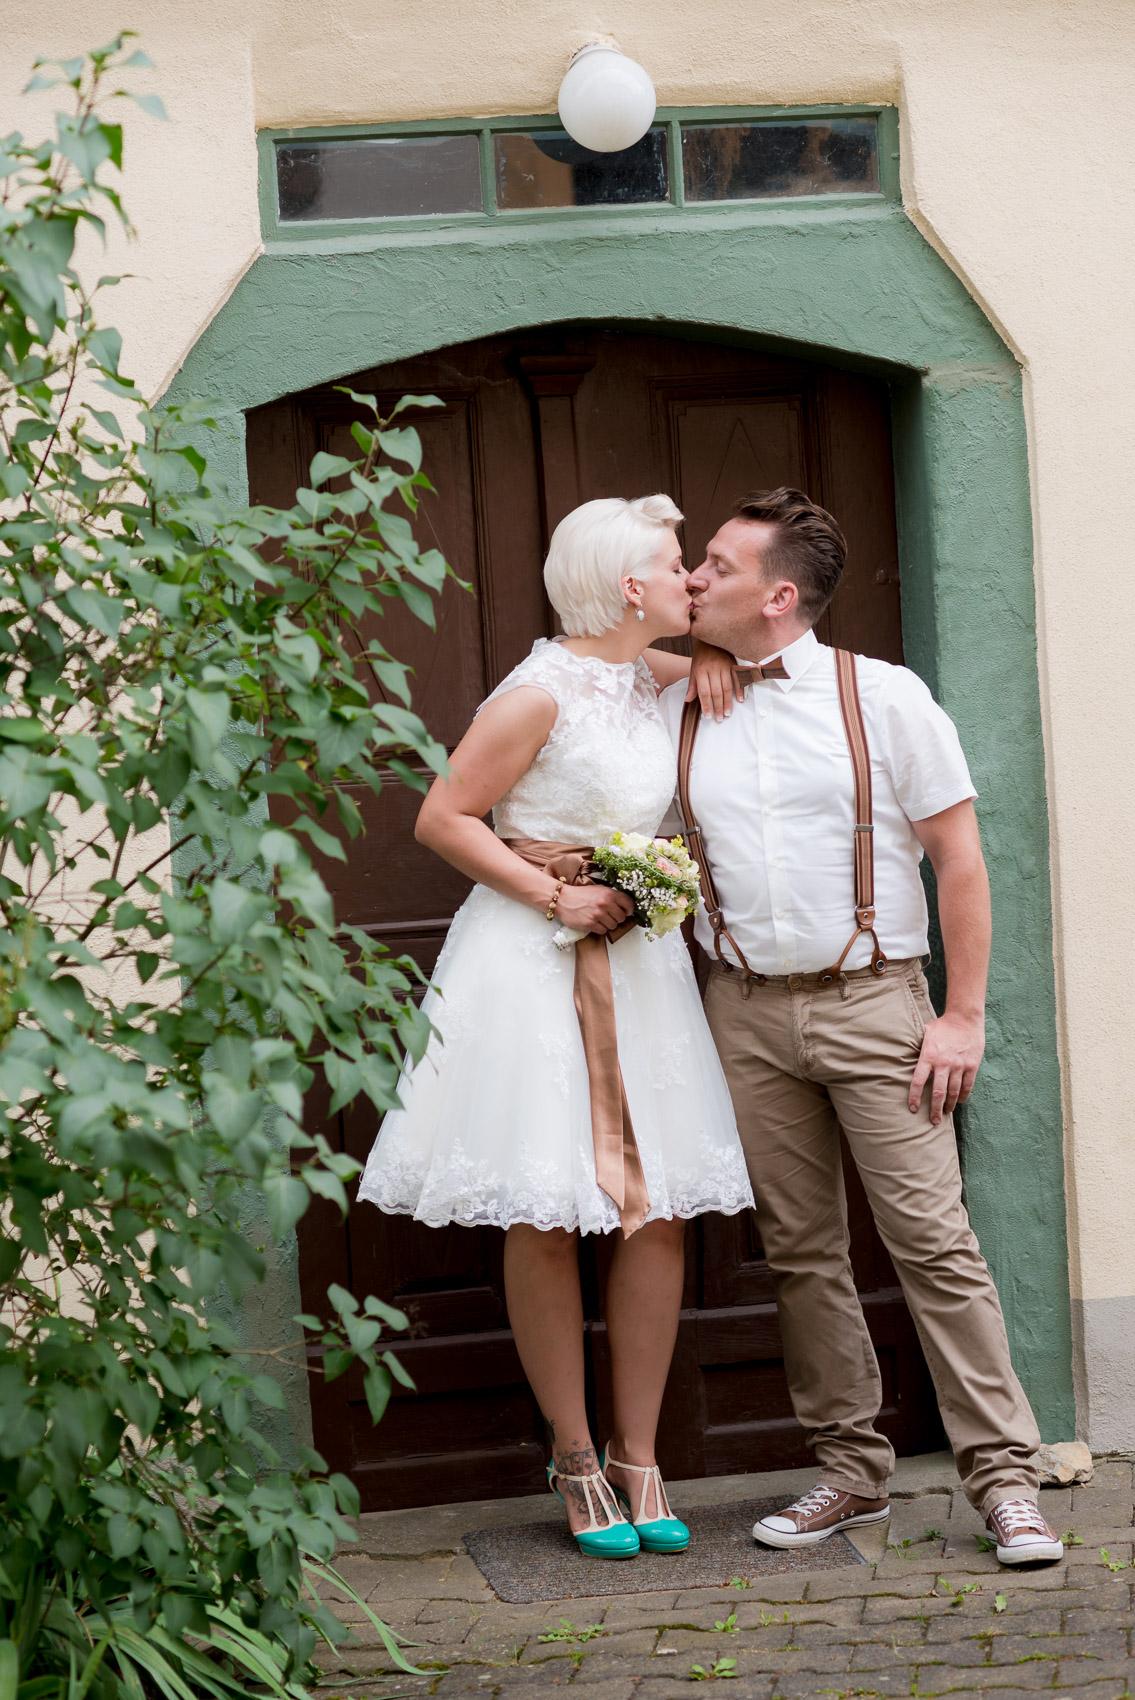 Hochzeit_Brautpaar_claudiaeckertfotografie-5